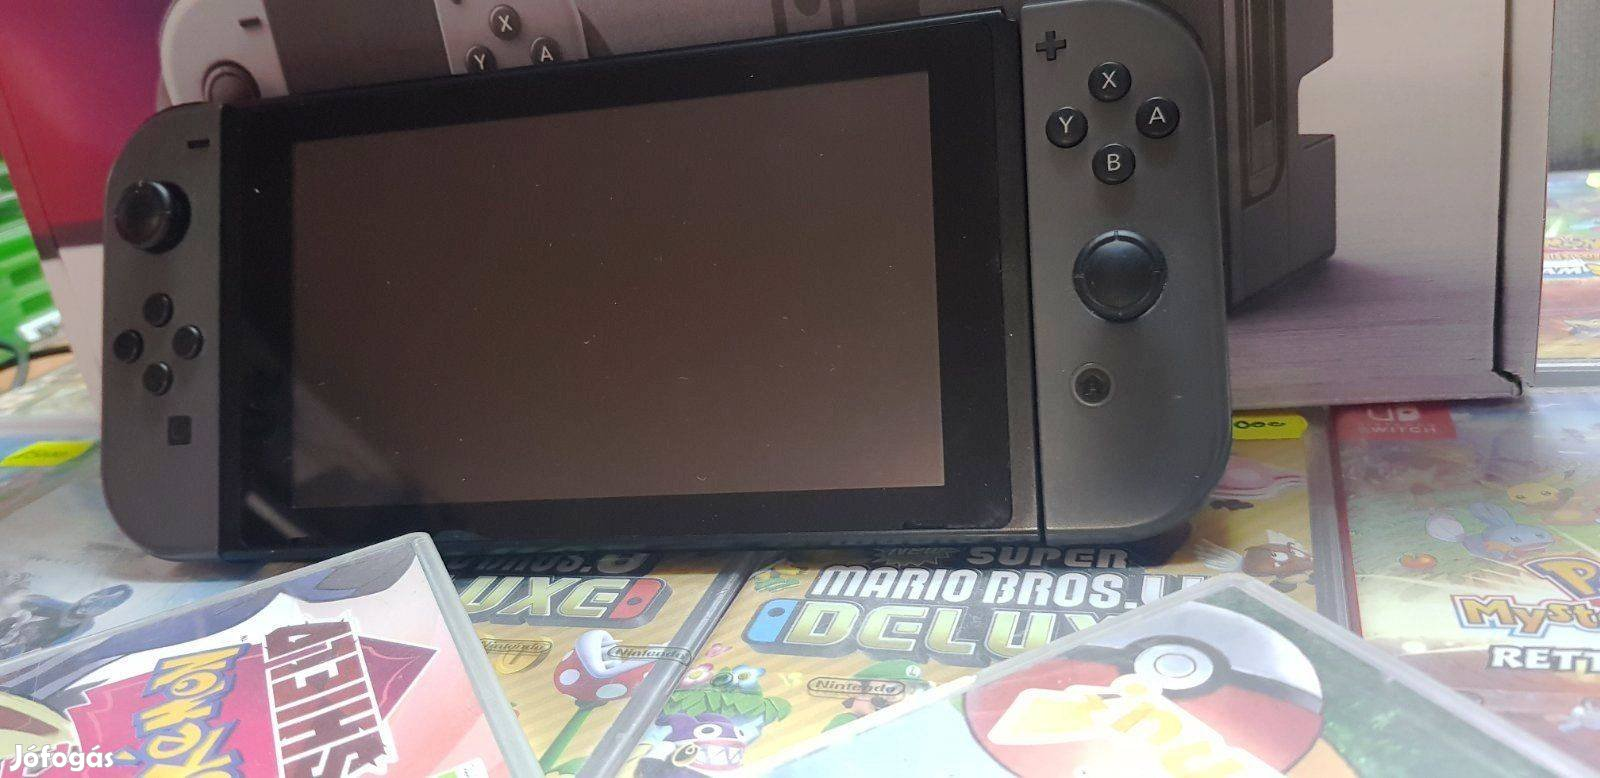 Nintendo switch konzol +36704559494